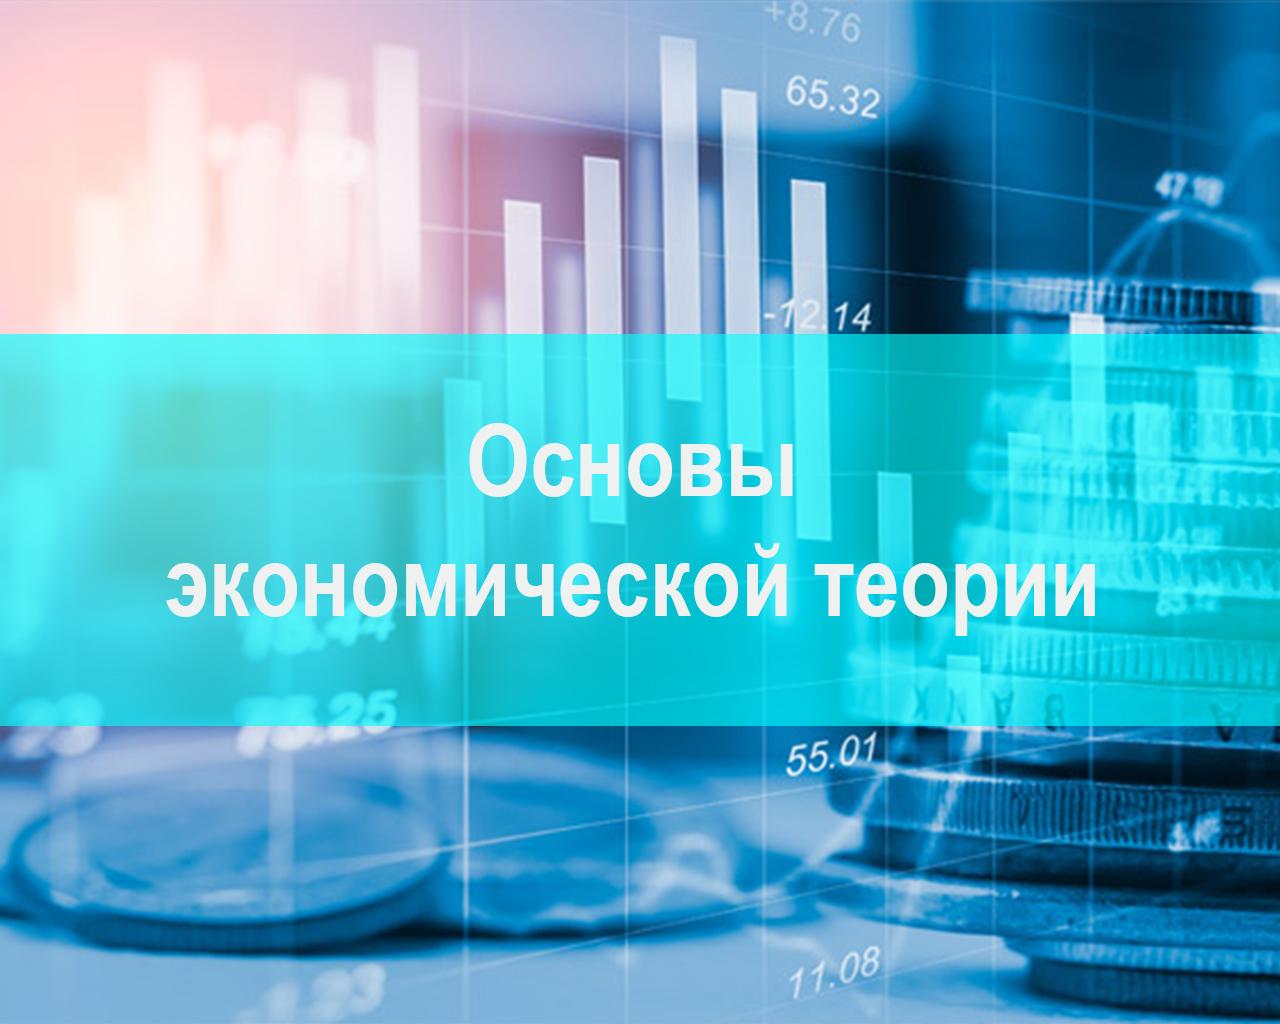 Основы экономической теории (Шатохина Г.А.)